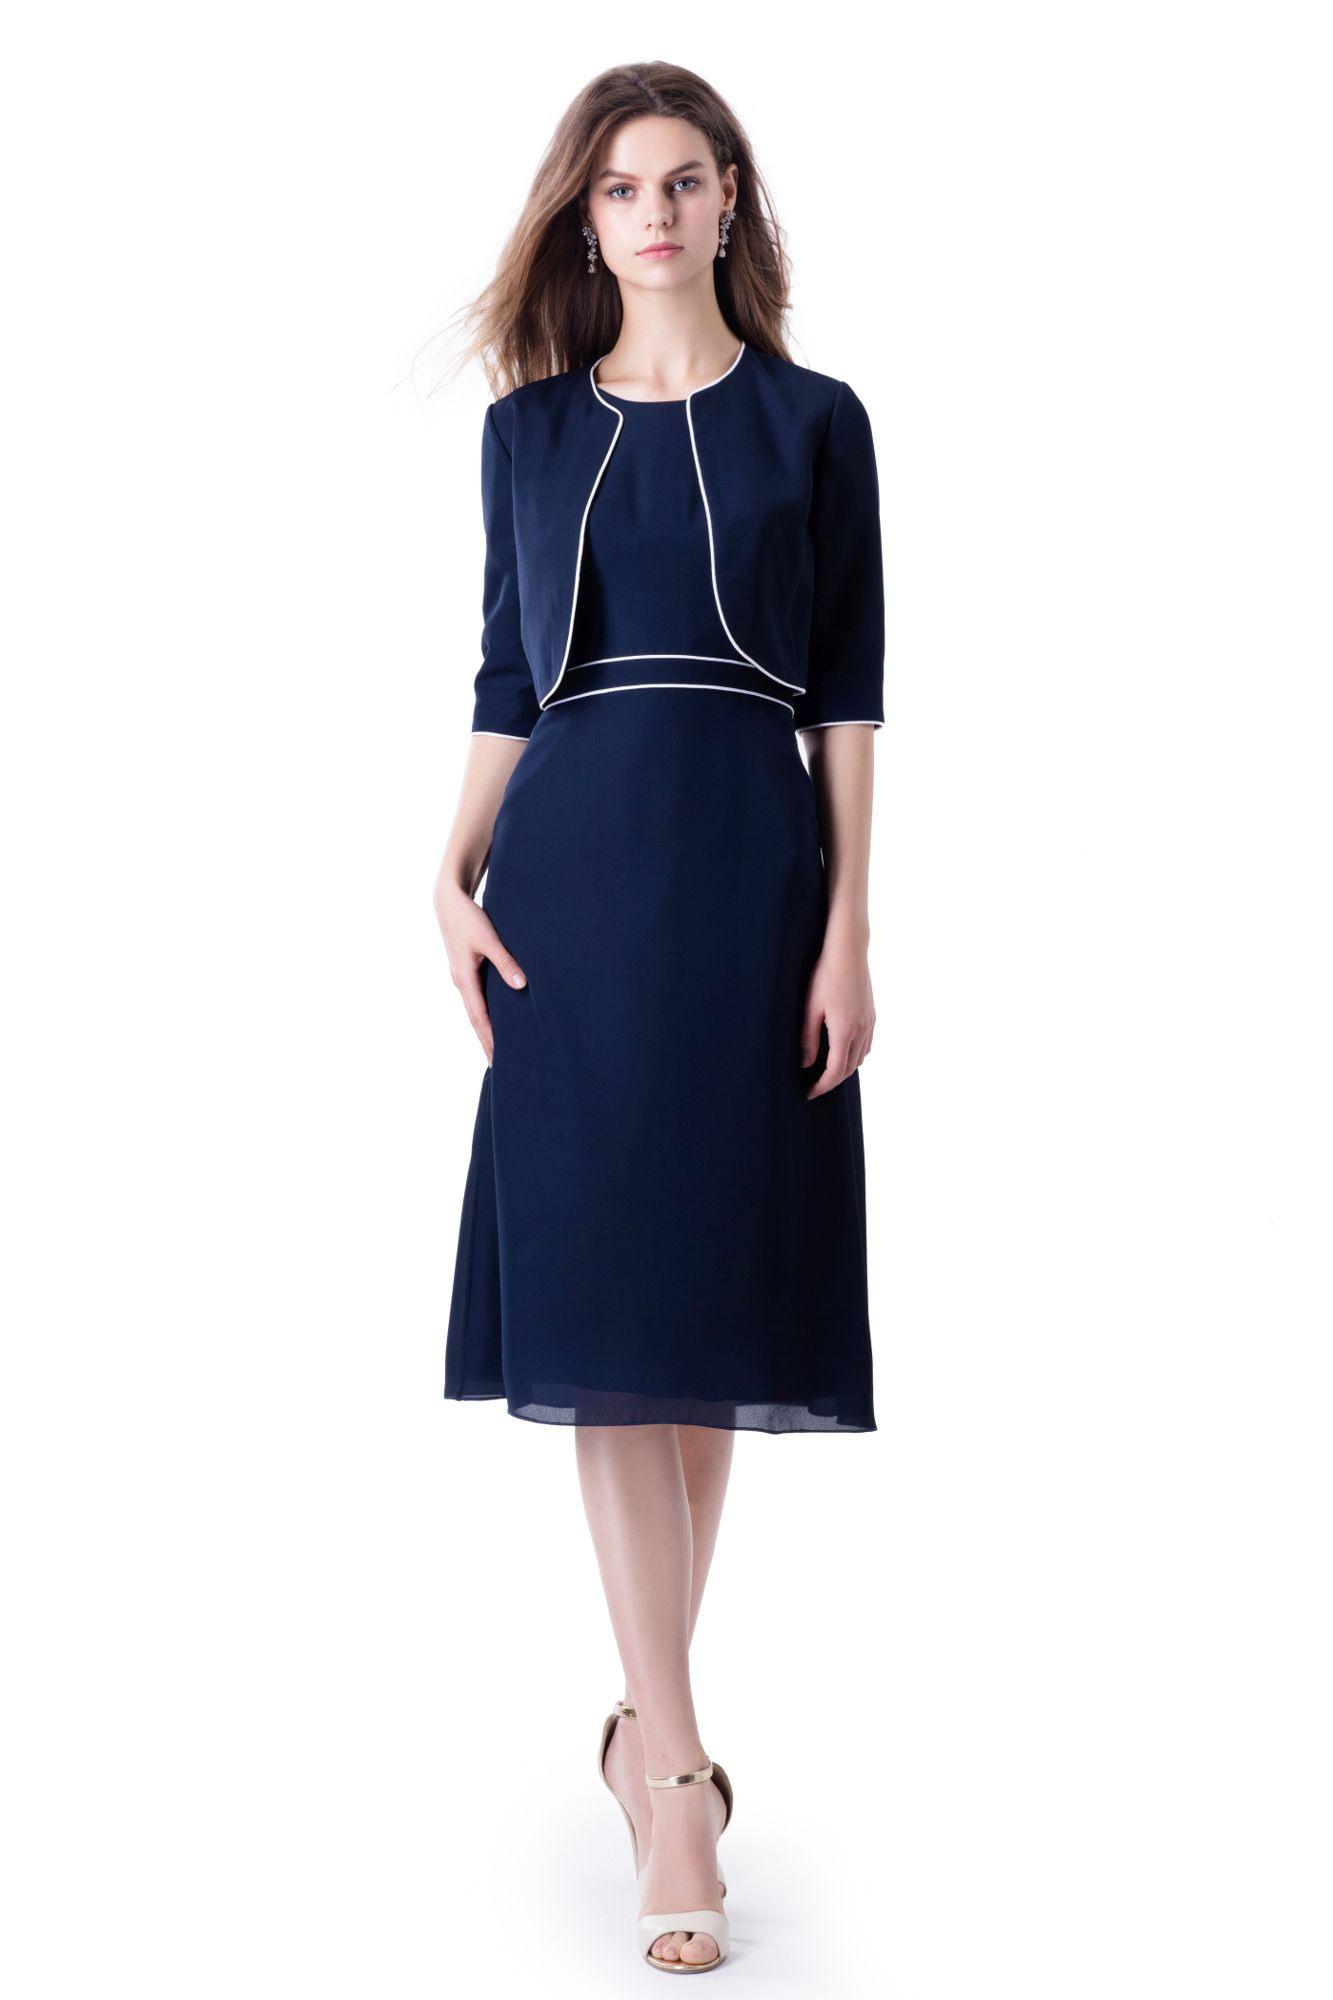 20 Genial Abendkleid Jäckchen für 201920 Einfach Abendkleid Jäckchen Stylish